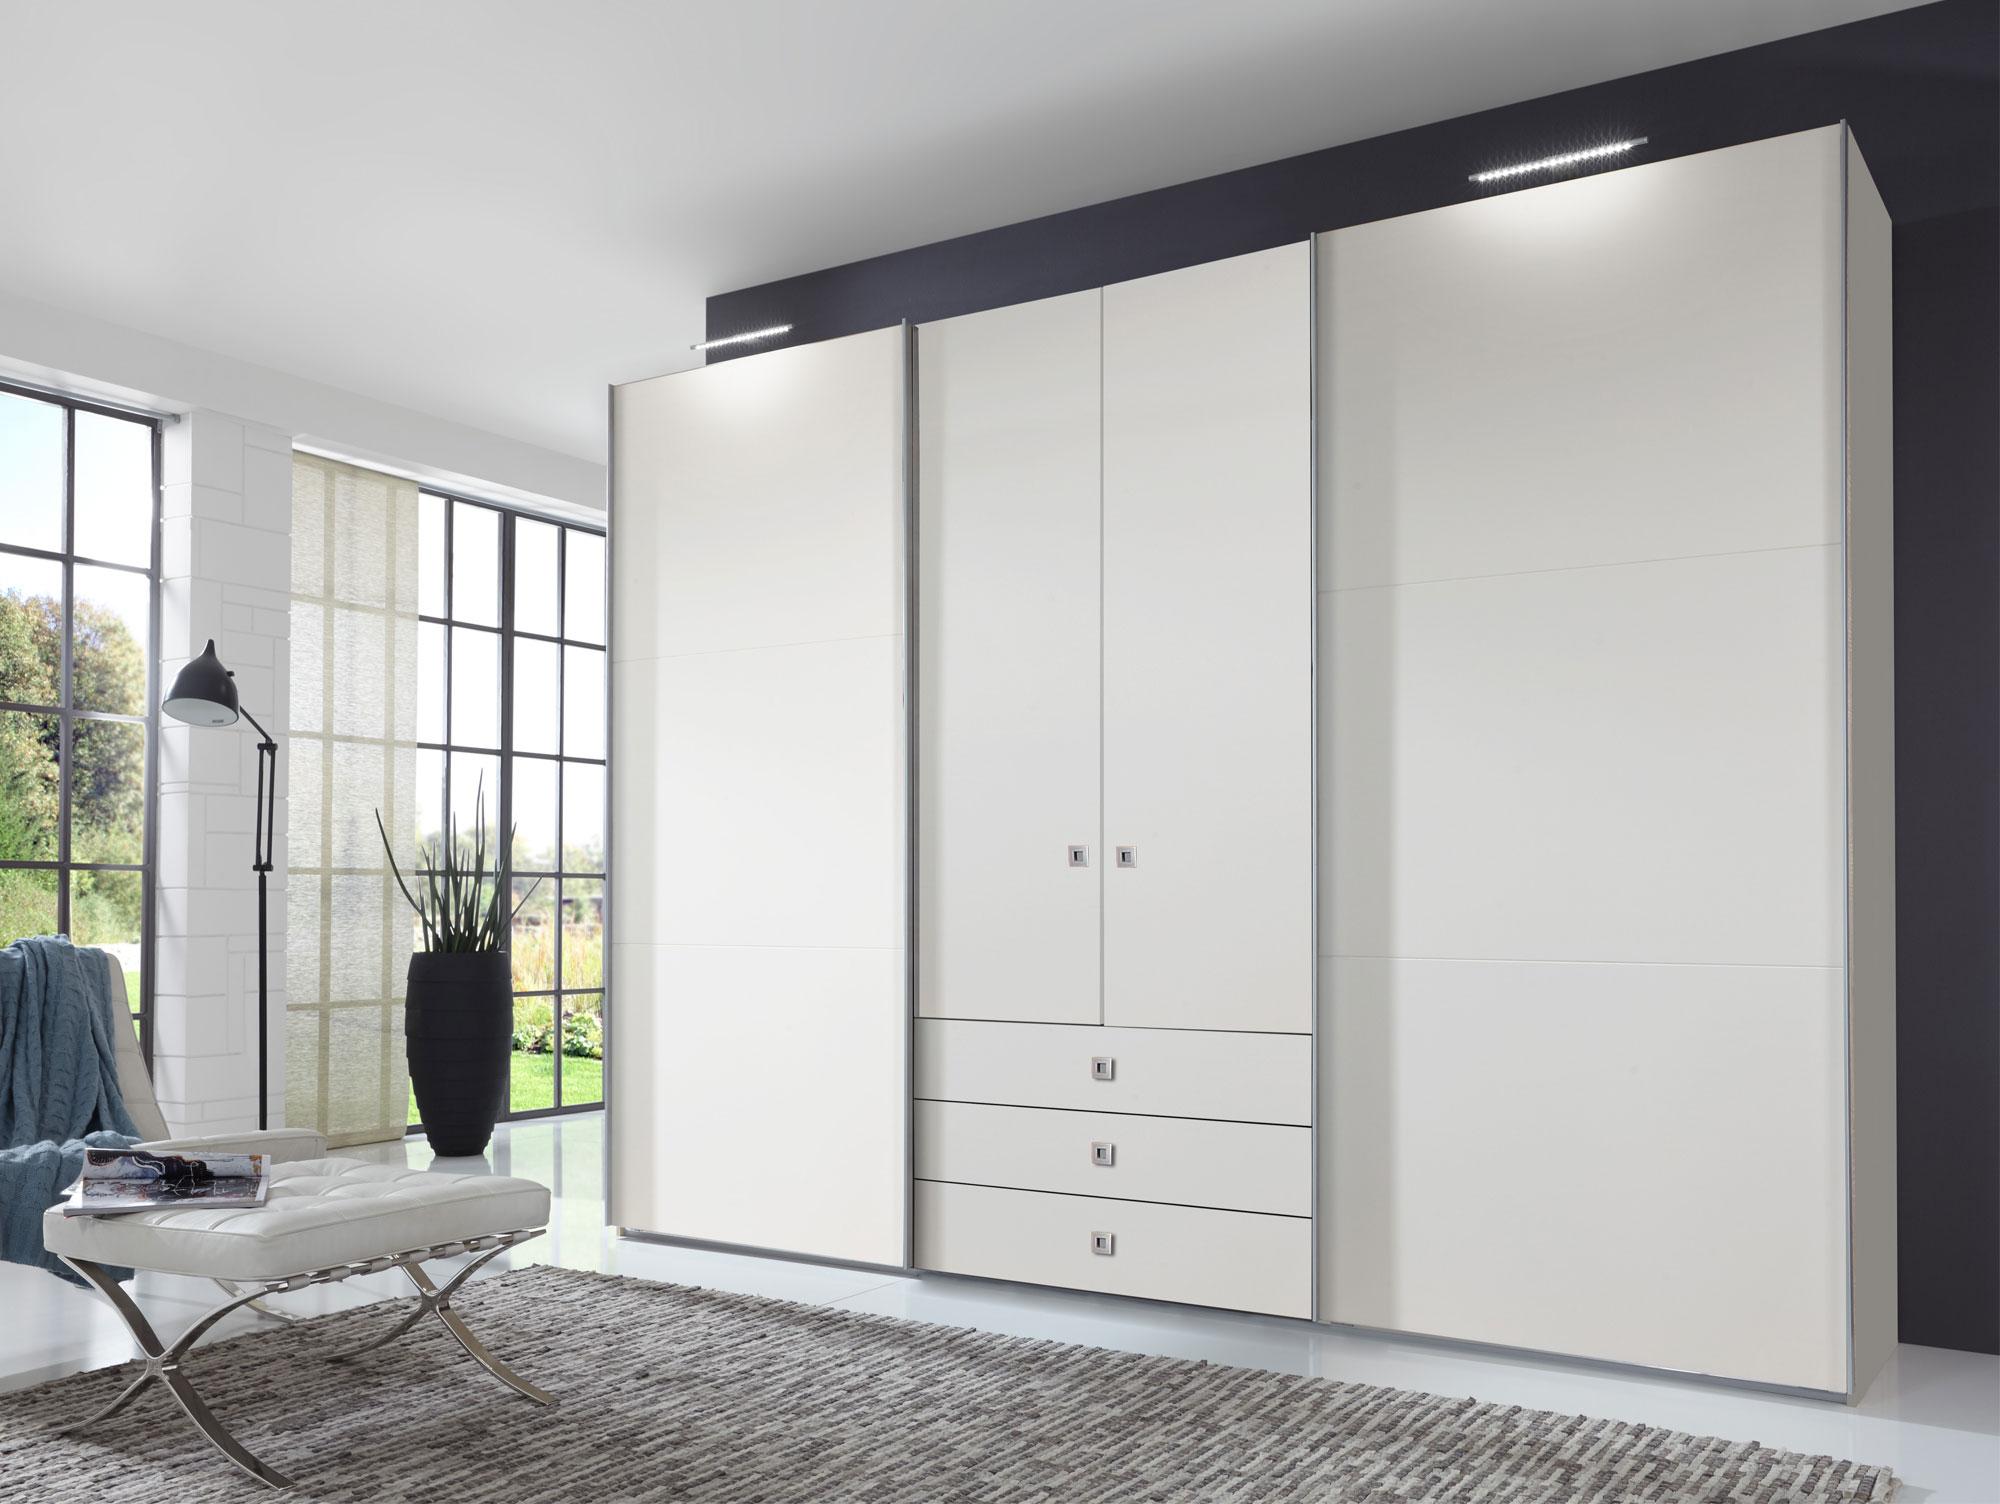 toledo kleiderschrank schwebe dreht renschrank weiss ohne spiegel. Black Bedroom Furniture Sets. Home Design Ideas